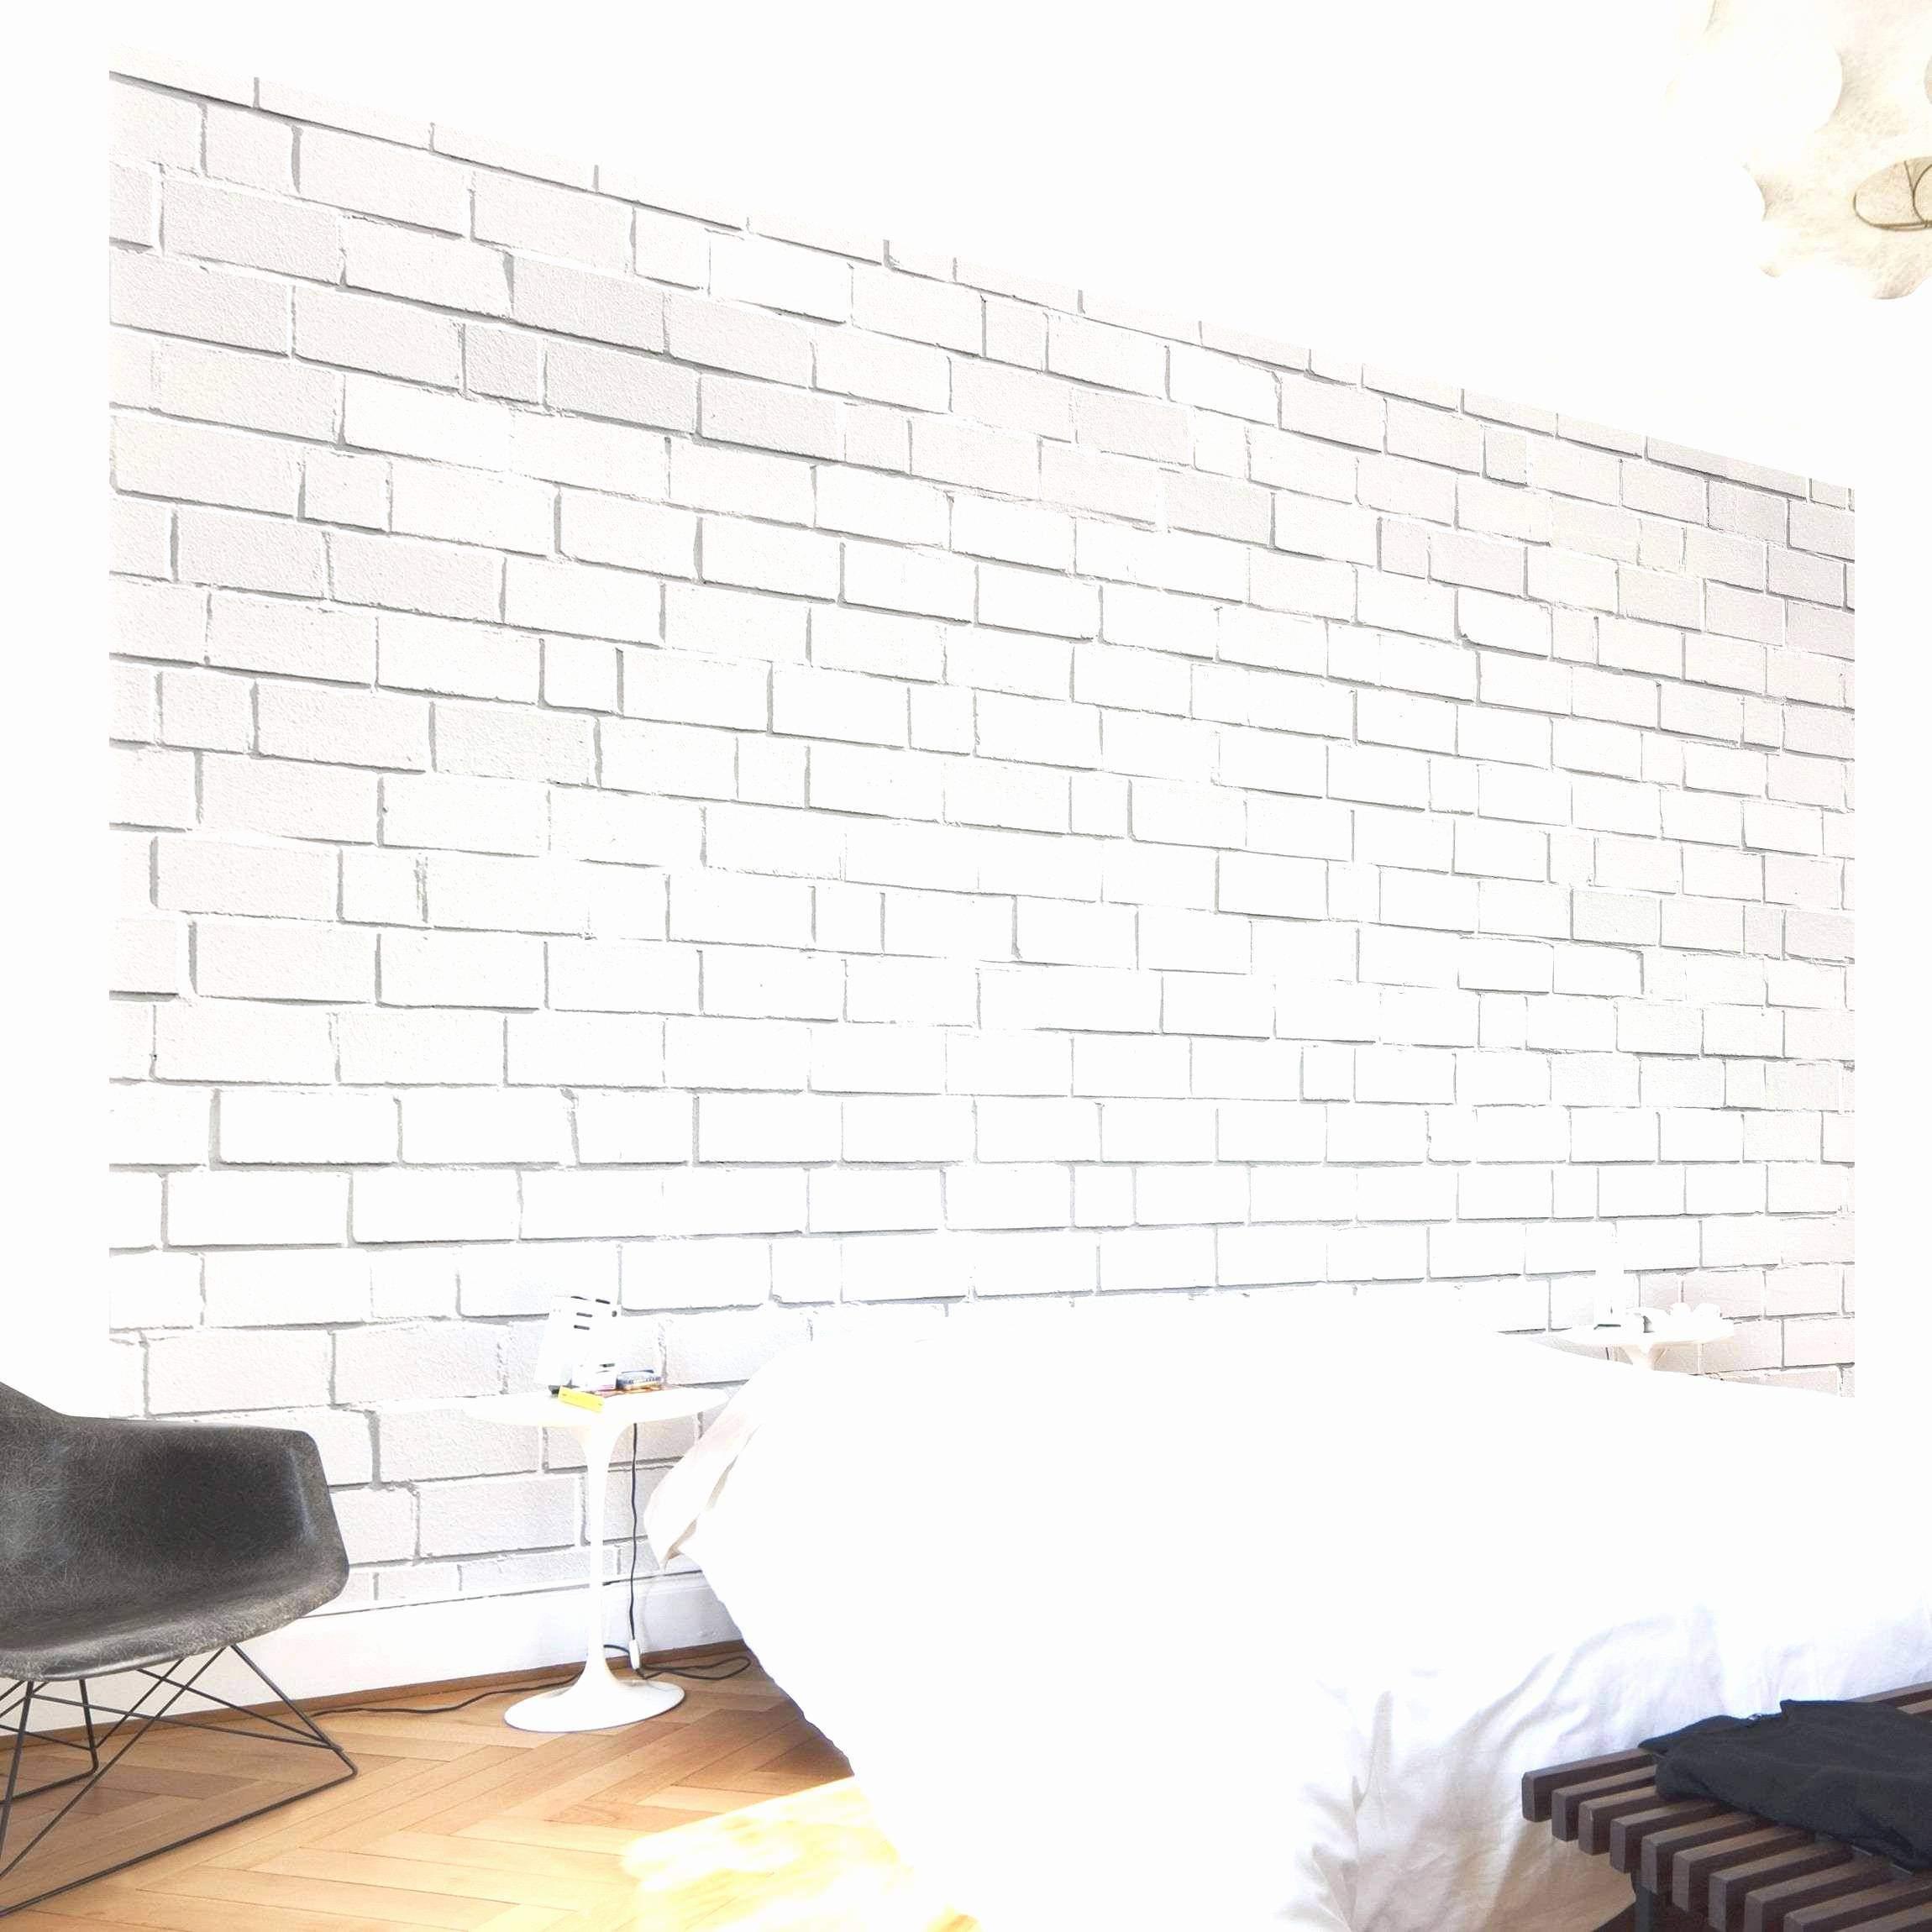 wohnzimmer im landhausstil inspirierend elegant wohnzimmer design landhaus concept of wohnzimmer im landhausstil